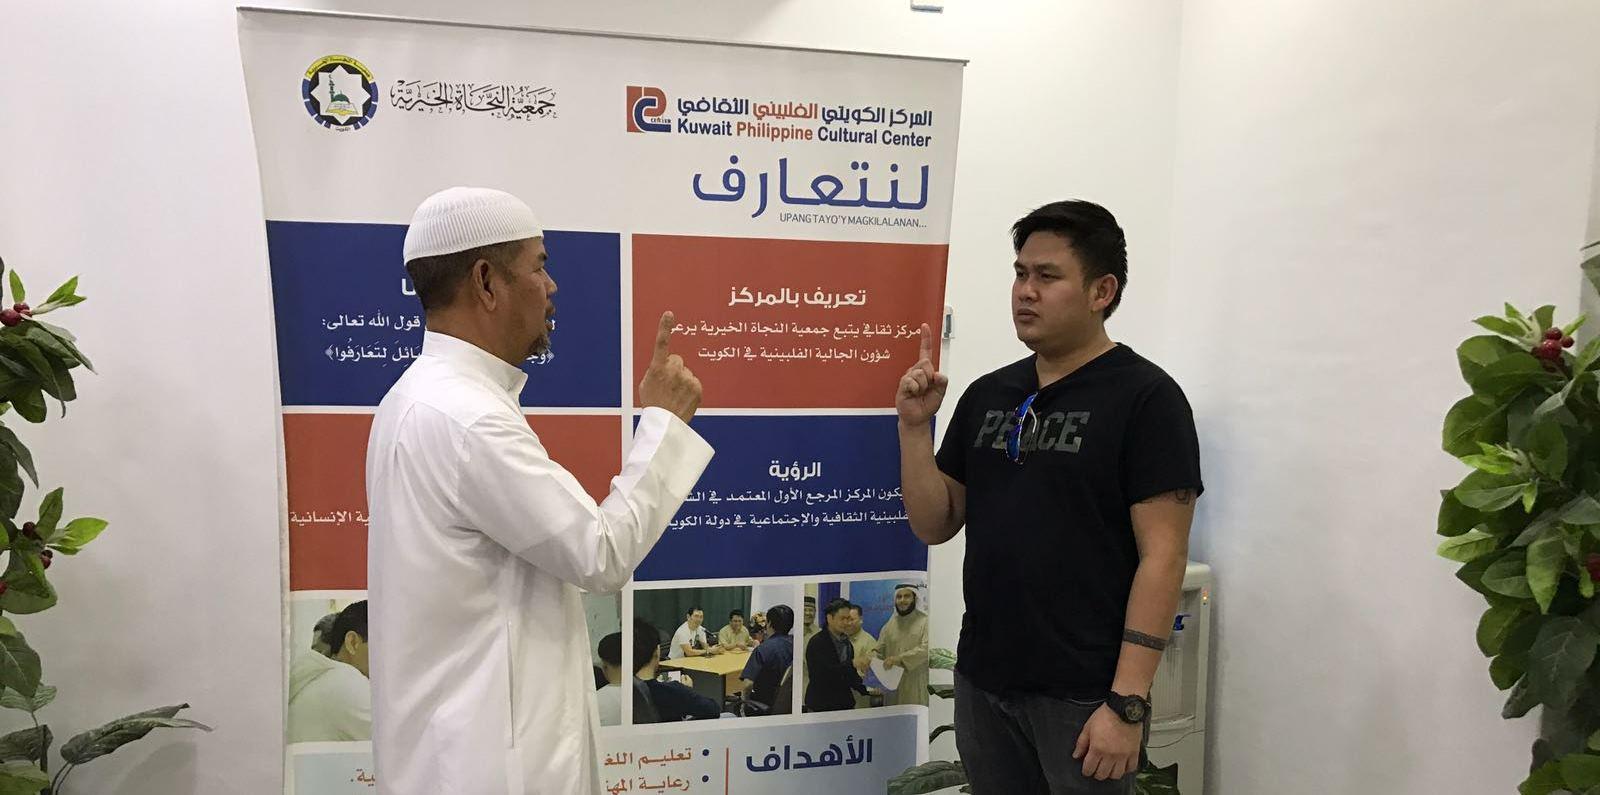 حصاد 2018 بالمركز الفلبيني: إشهار إسلام 243مهتدي ومهتدية